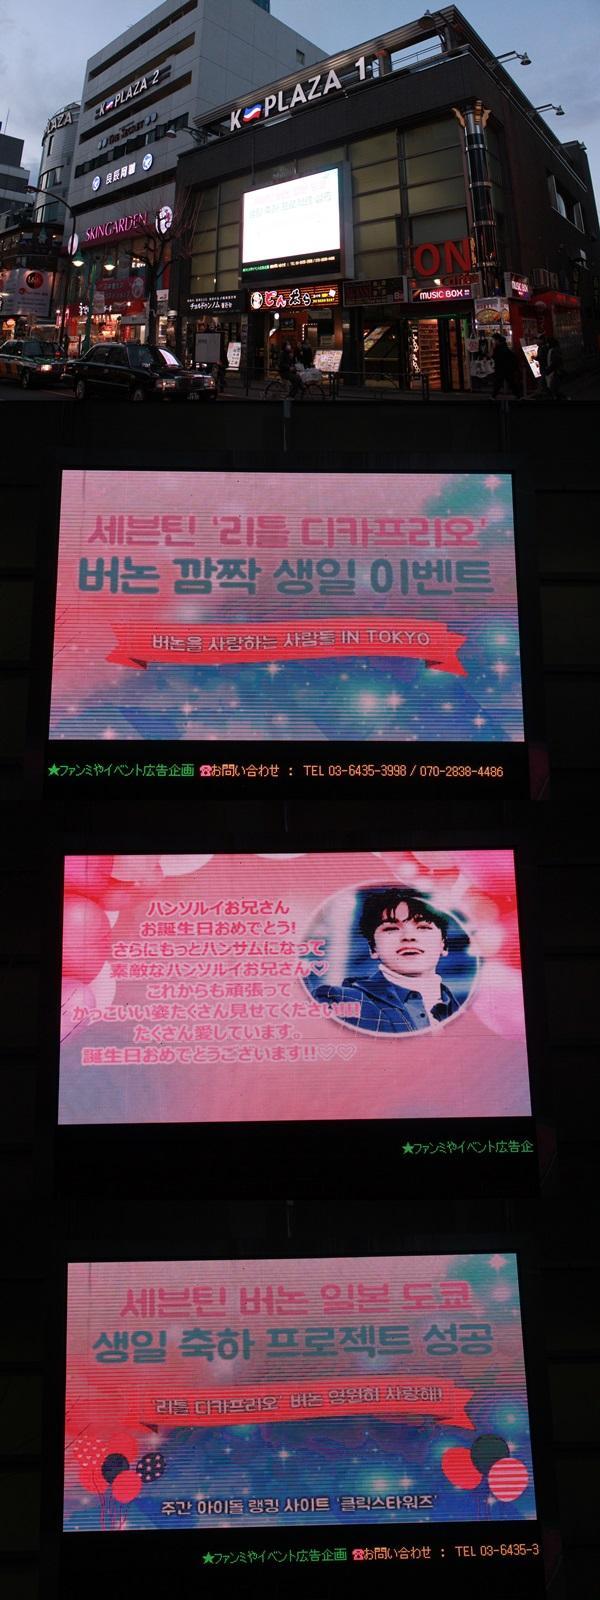 '클릭스타워즈'가 그룹 세븐틴 버논의 생일 전광판 인증 사진을 공개했다. 이 전광판은 일본 도쿄에 위치했다. /클릭스타워즈 제공